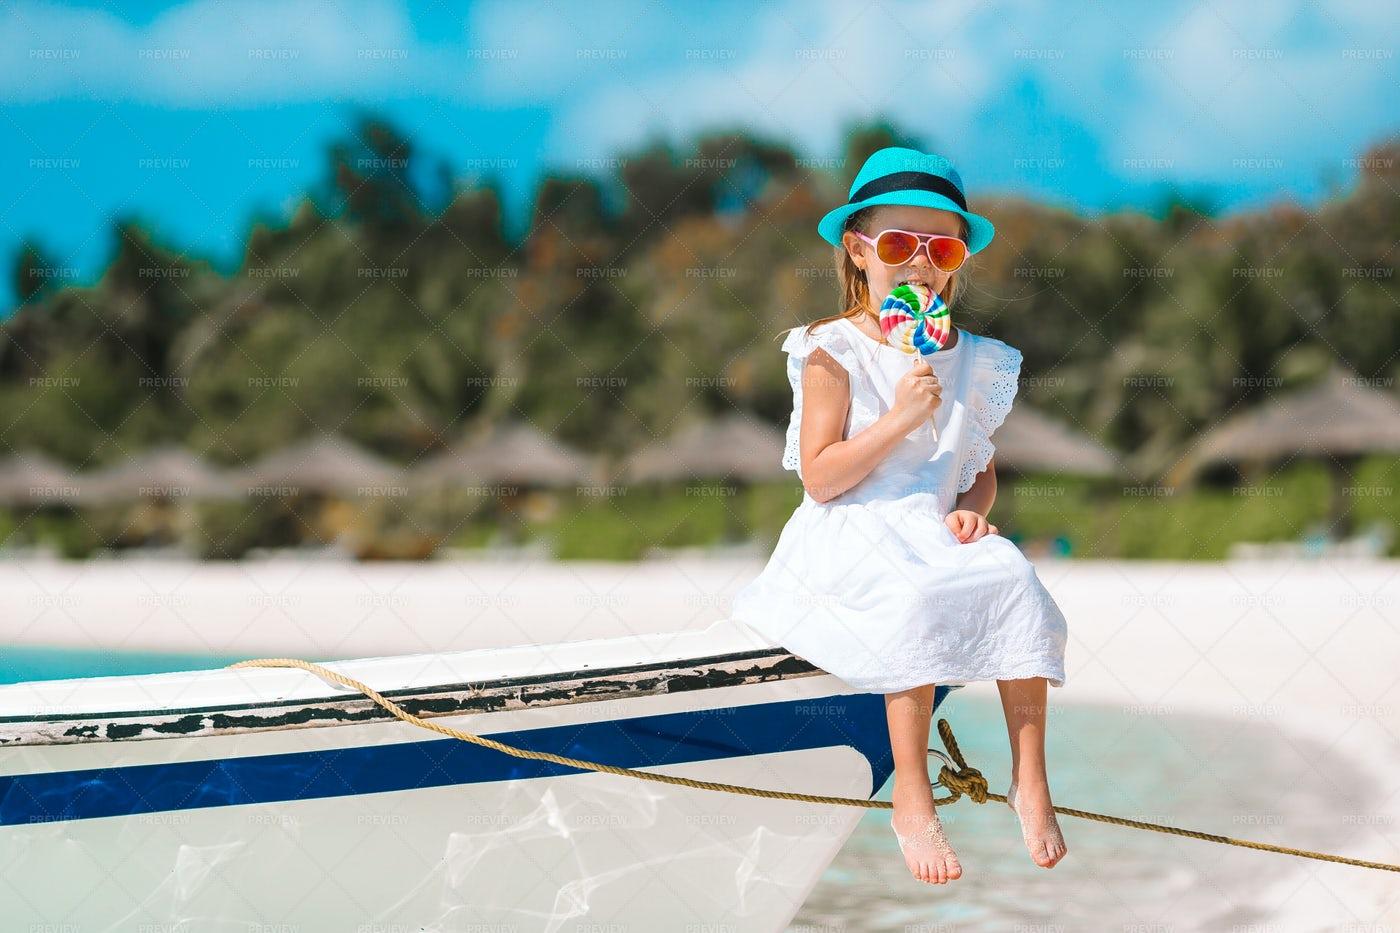 Girl With Lollipop On Bow: Stock Photos